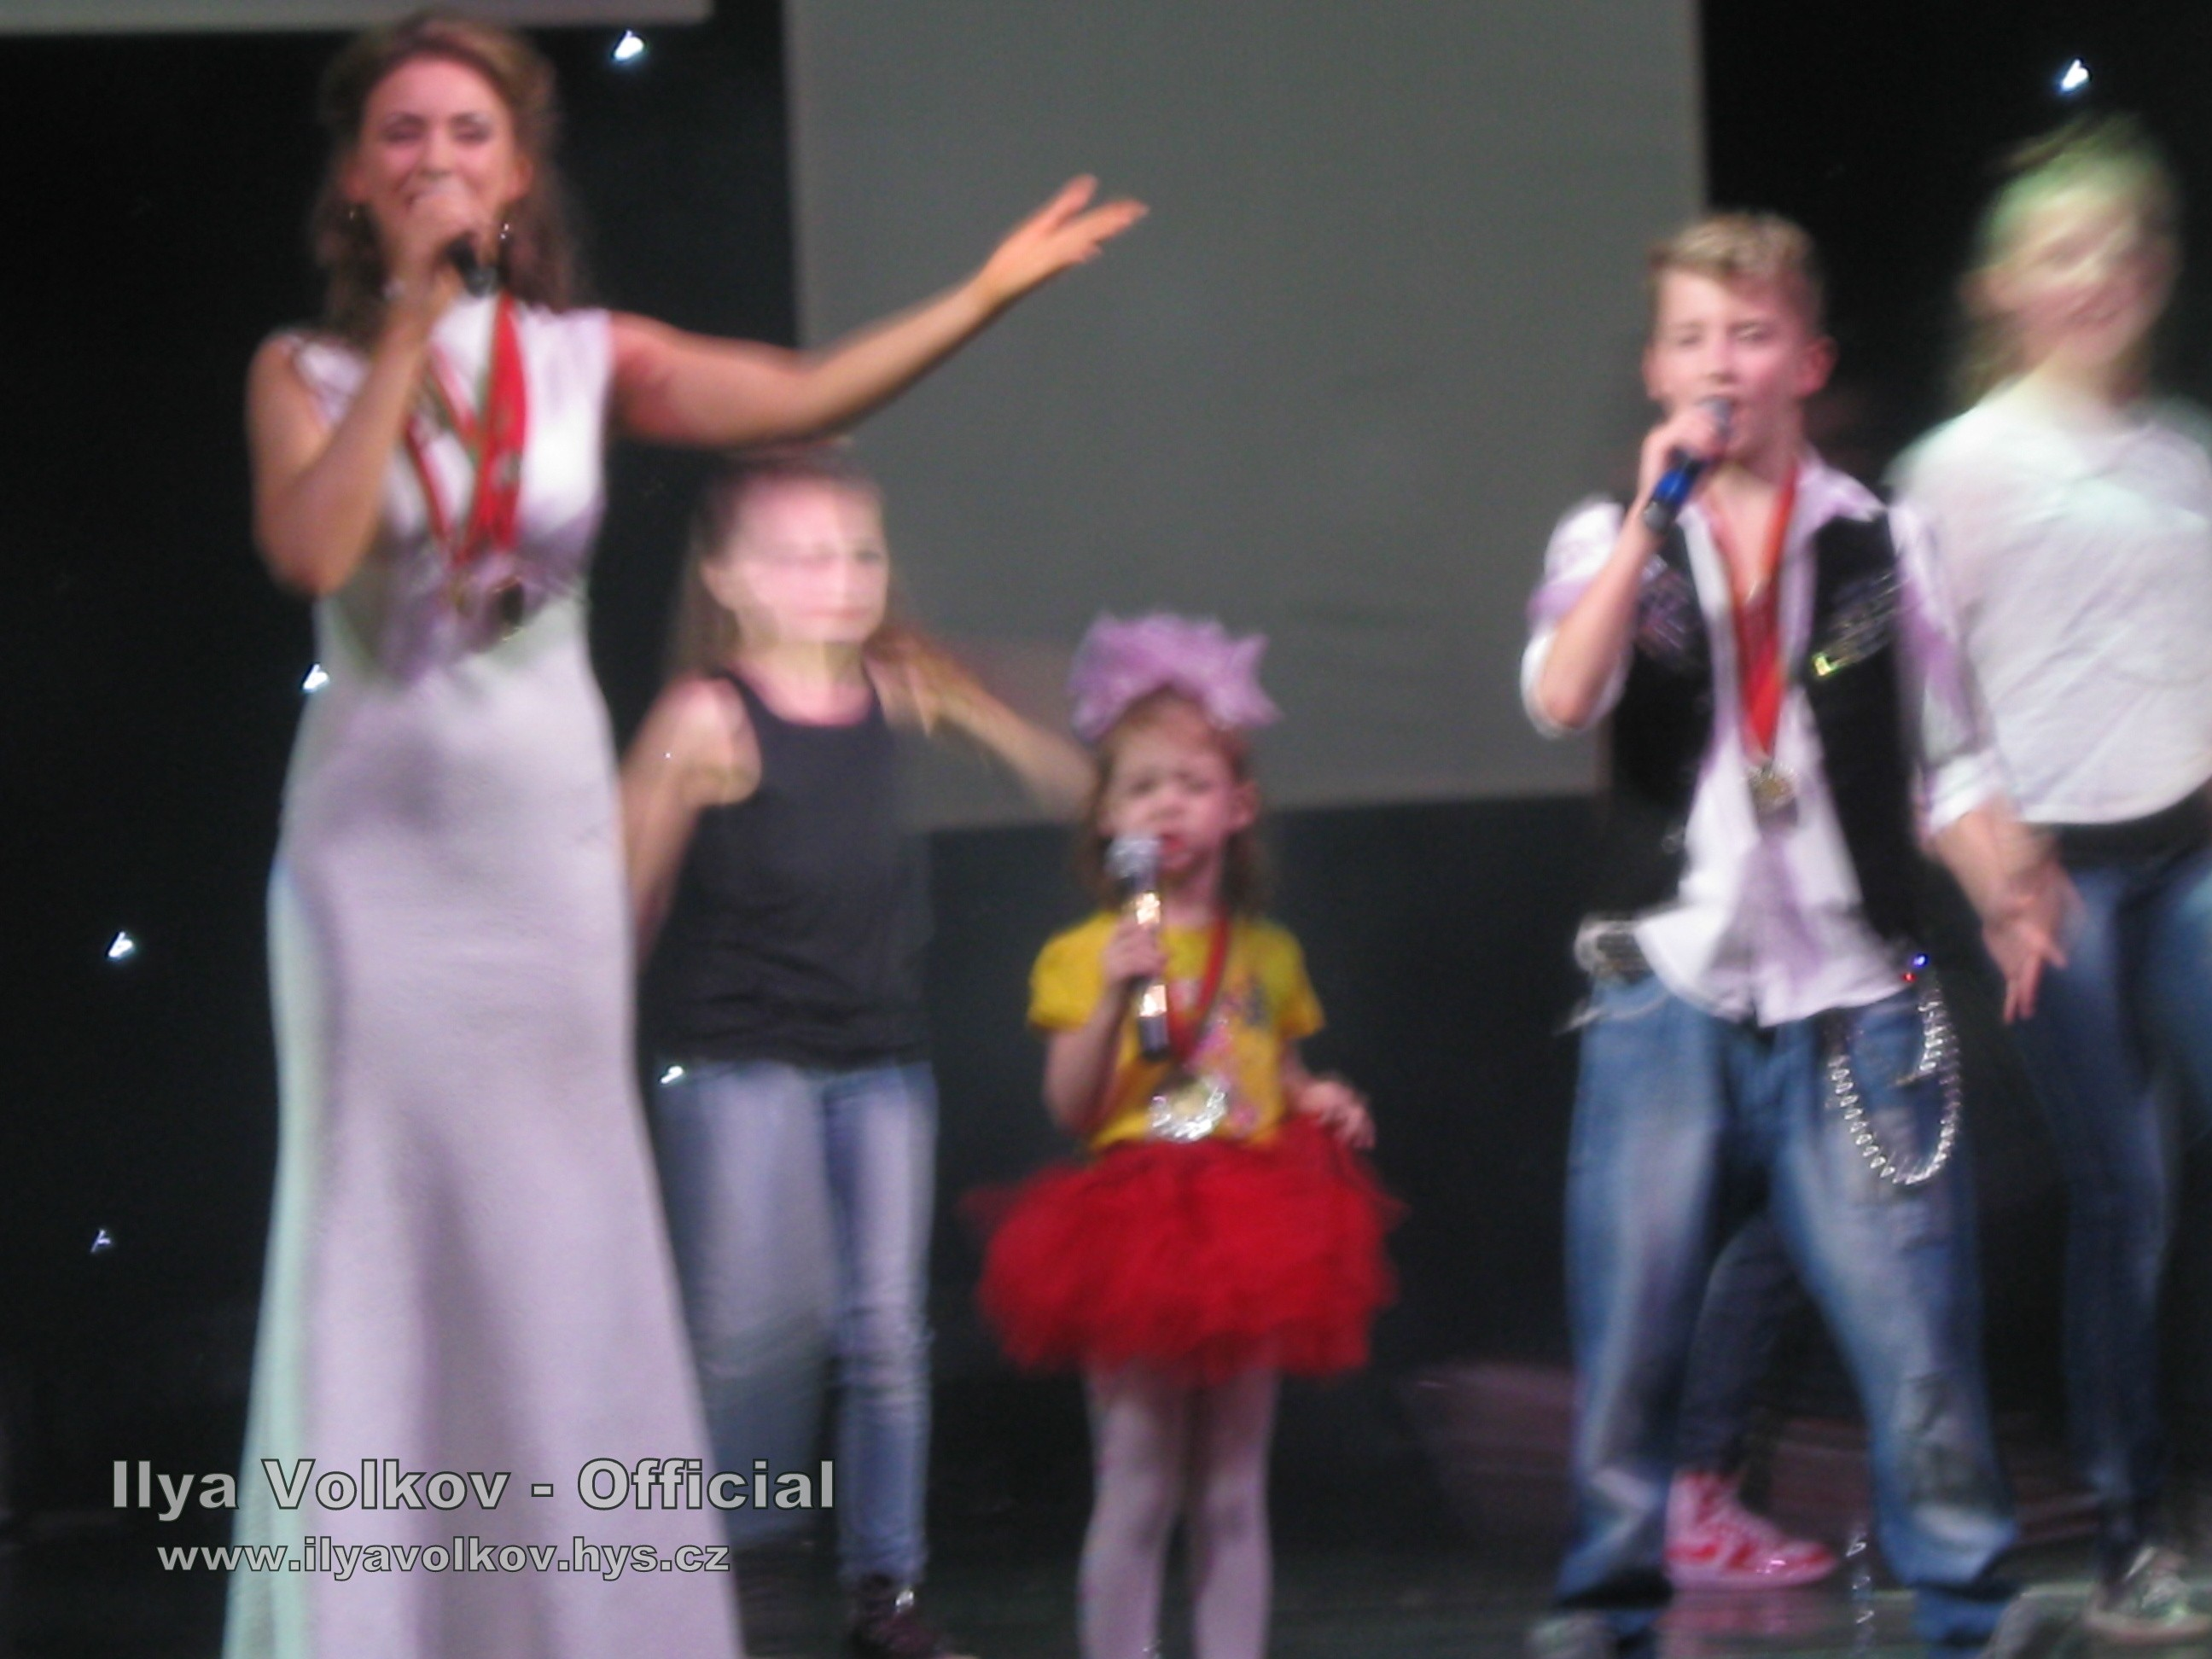 Ilya Volkov - Concert with JANET 2014  (6)